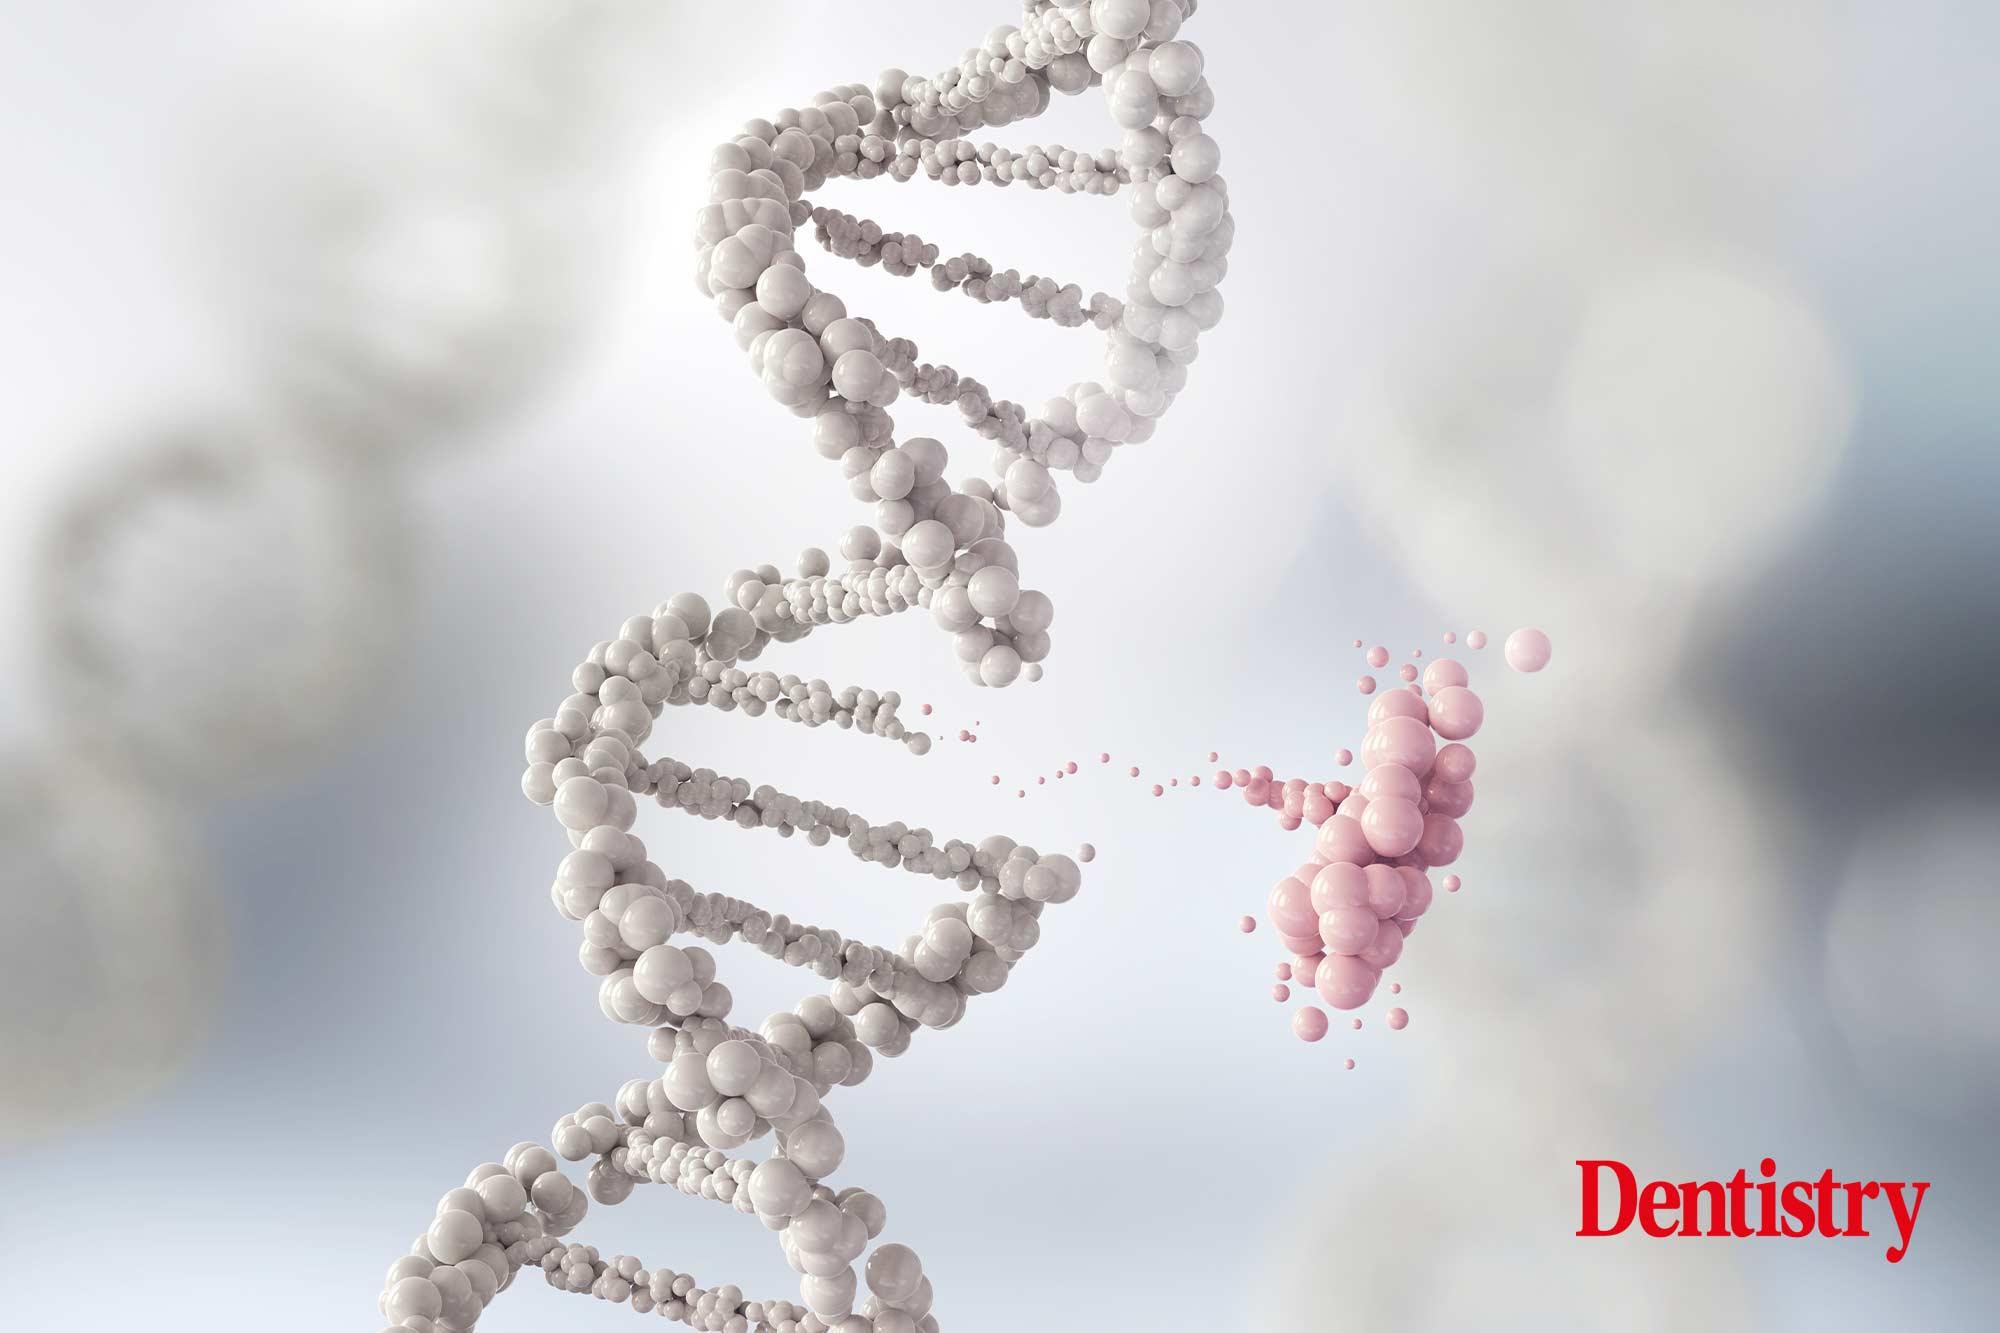 impact of genes on disease risk